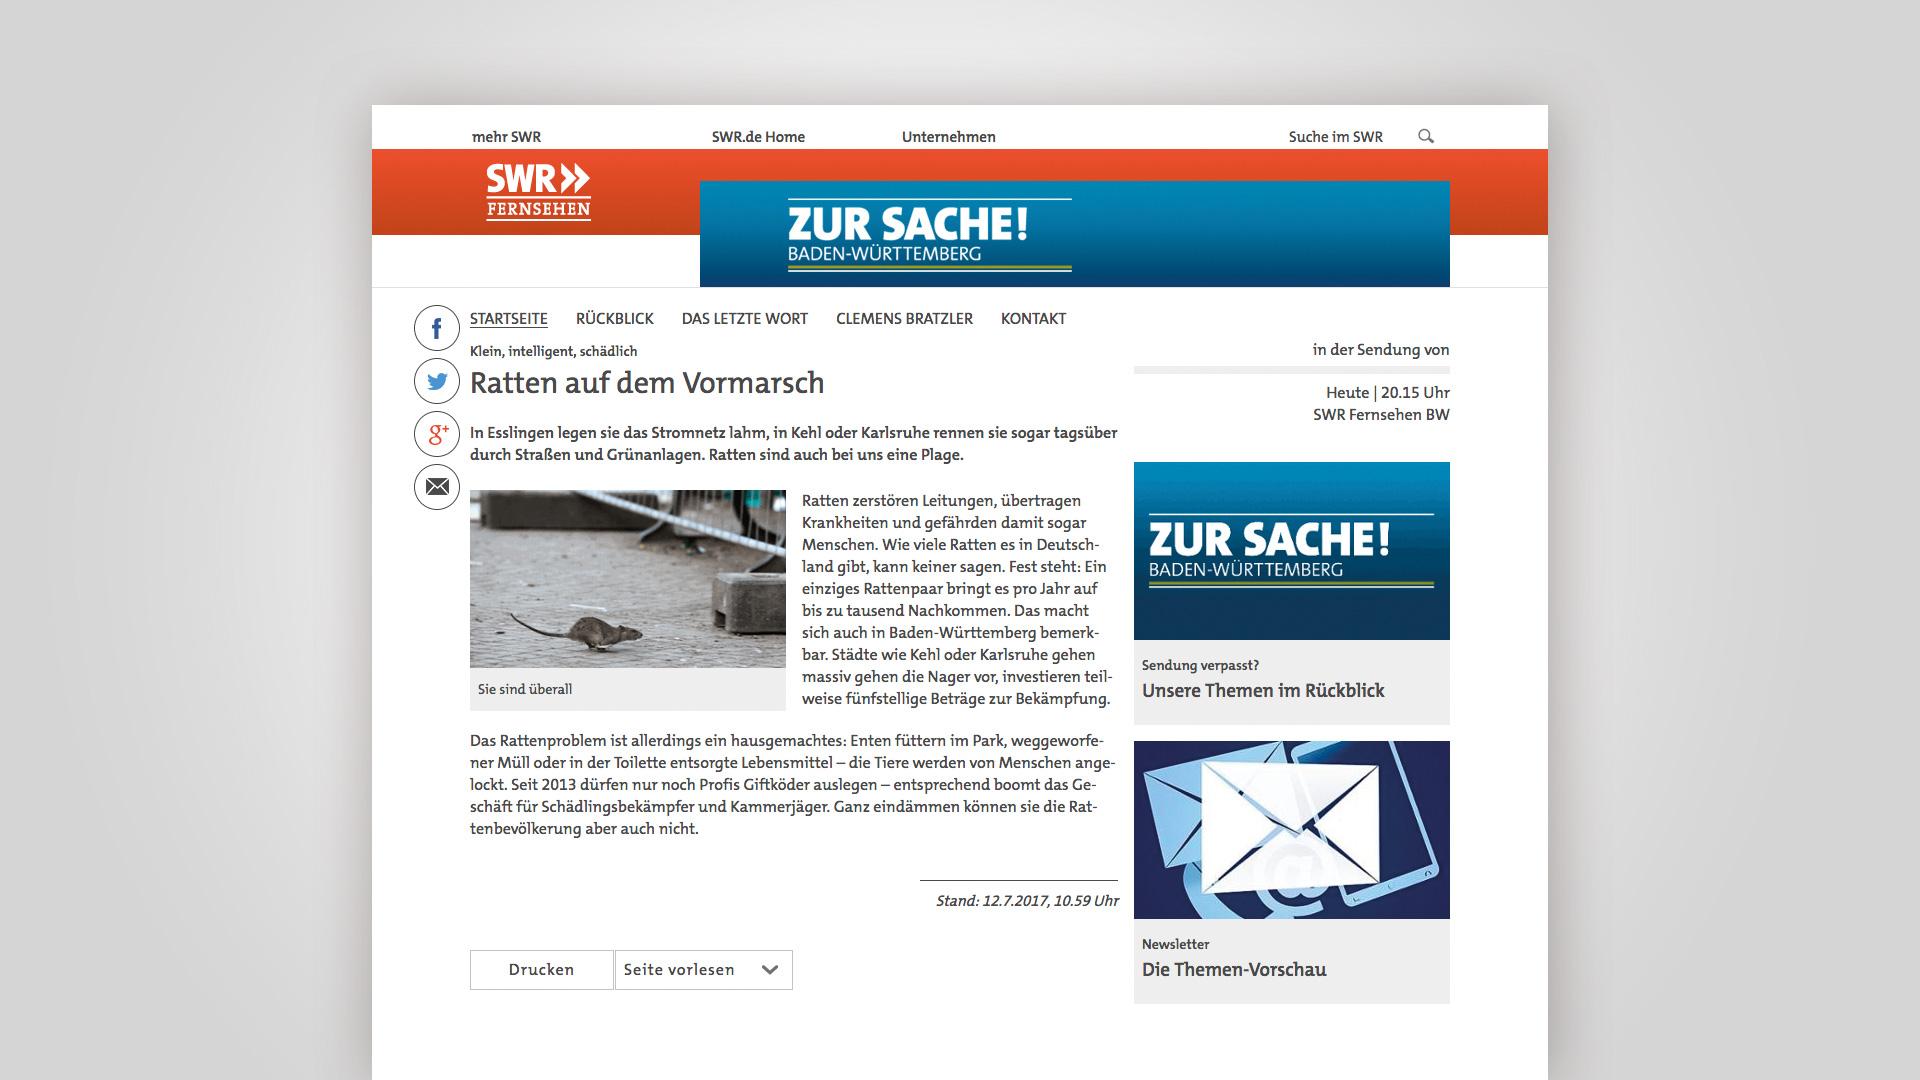 Screenshot des Artikels im SWR, zur Sache! Über Fleschhut Schädlingsbekämpfung